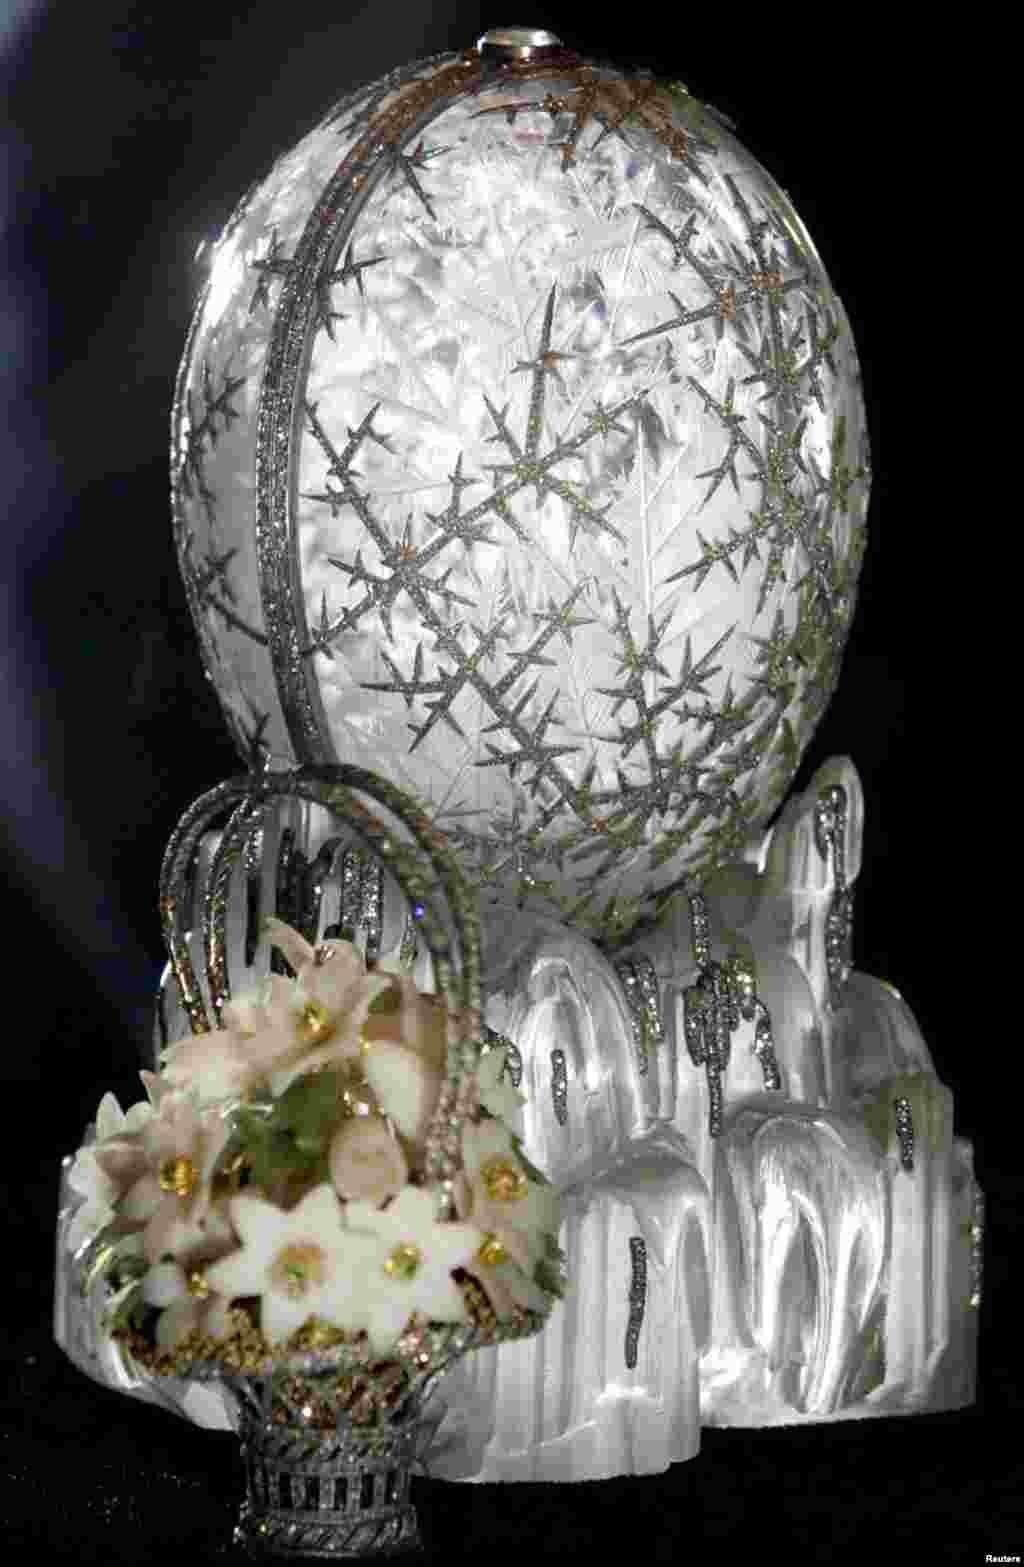 В последующие три десятилетия Карл Фаберже создал еще 49 яиц для русских царей. Яйцо «Зимнее» стало одной из известнейших его работ. Оно изготовлено из горного хрусталя, оформленного в виде тающегольда, с ручьями из платины и алмазов. Яйцо высотой 14 сантиметров раскрывается, внутри него – платиновая корзинка с букетом подснежников.